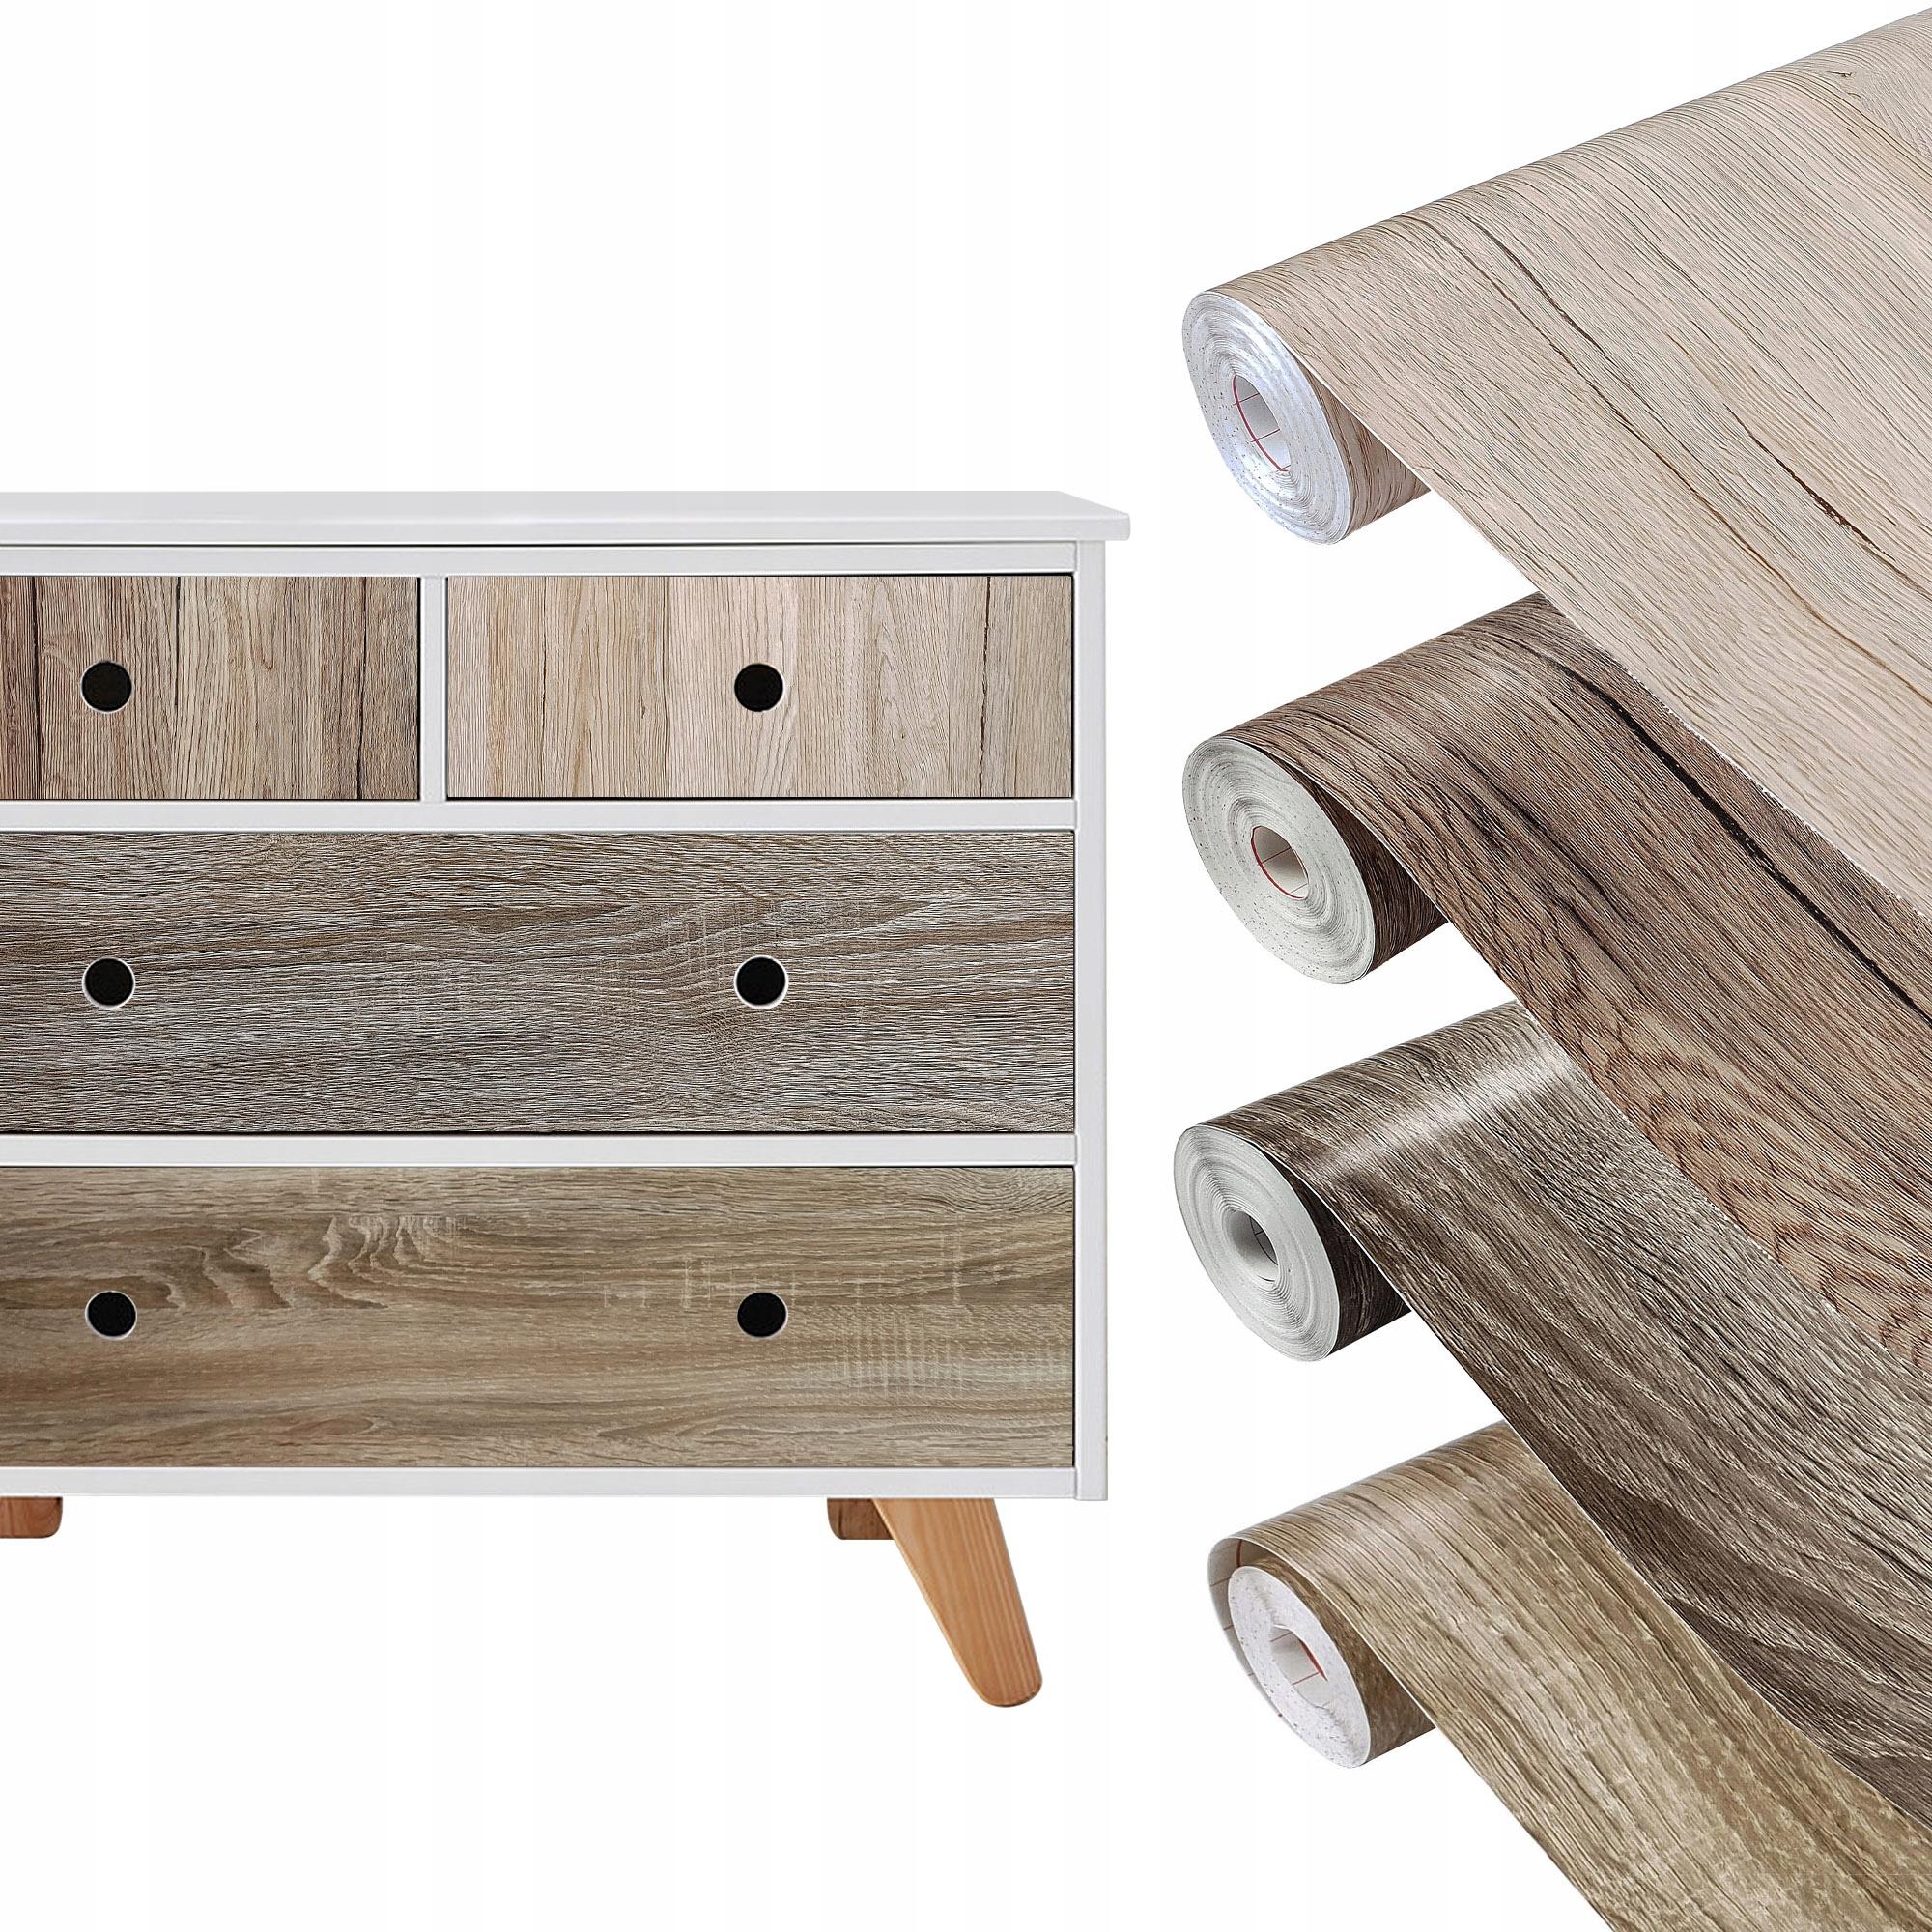 Шпон Мебельная пленка OAK SONOMA 4 узора 45x200 см